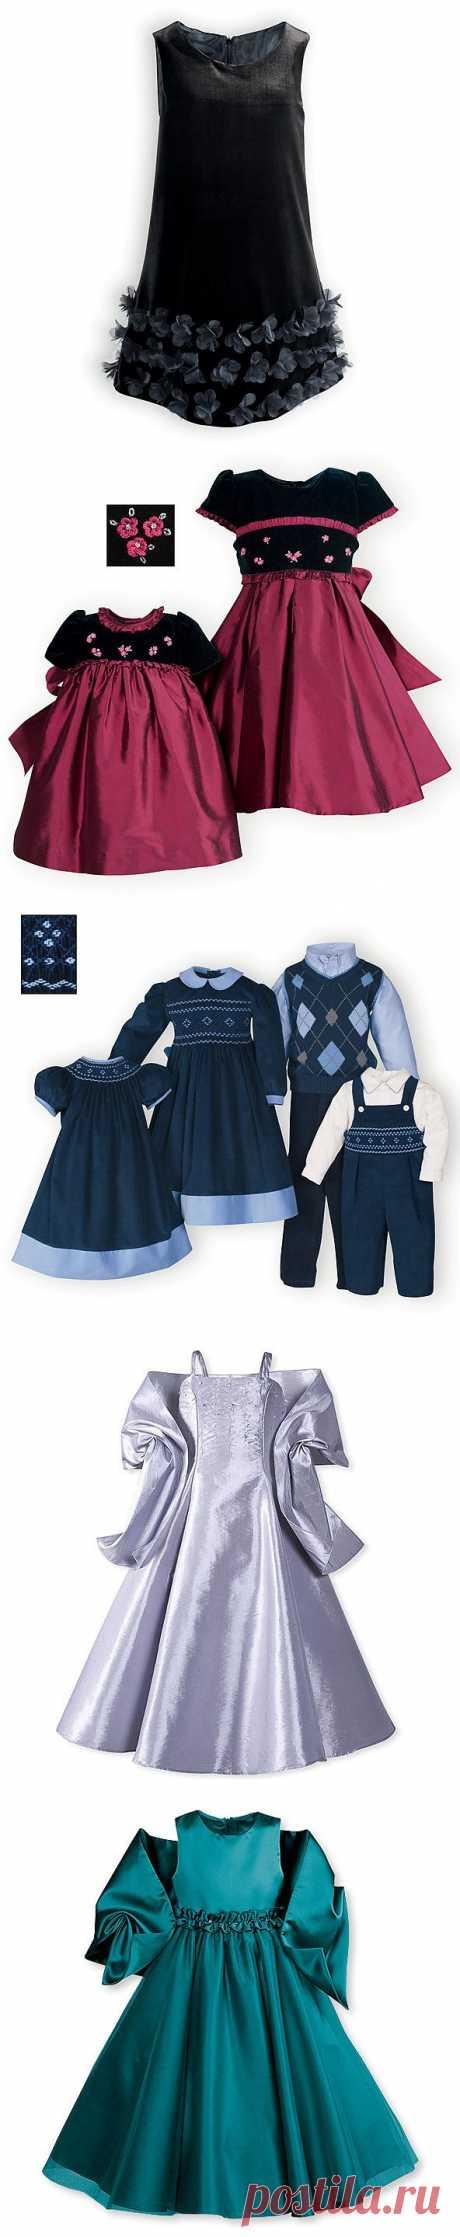 Нарядные платья для девочек. .